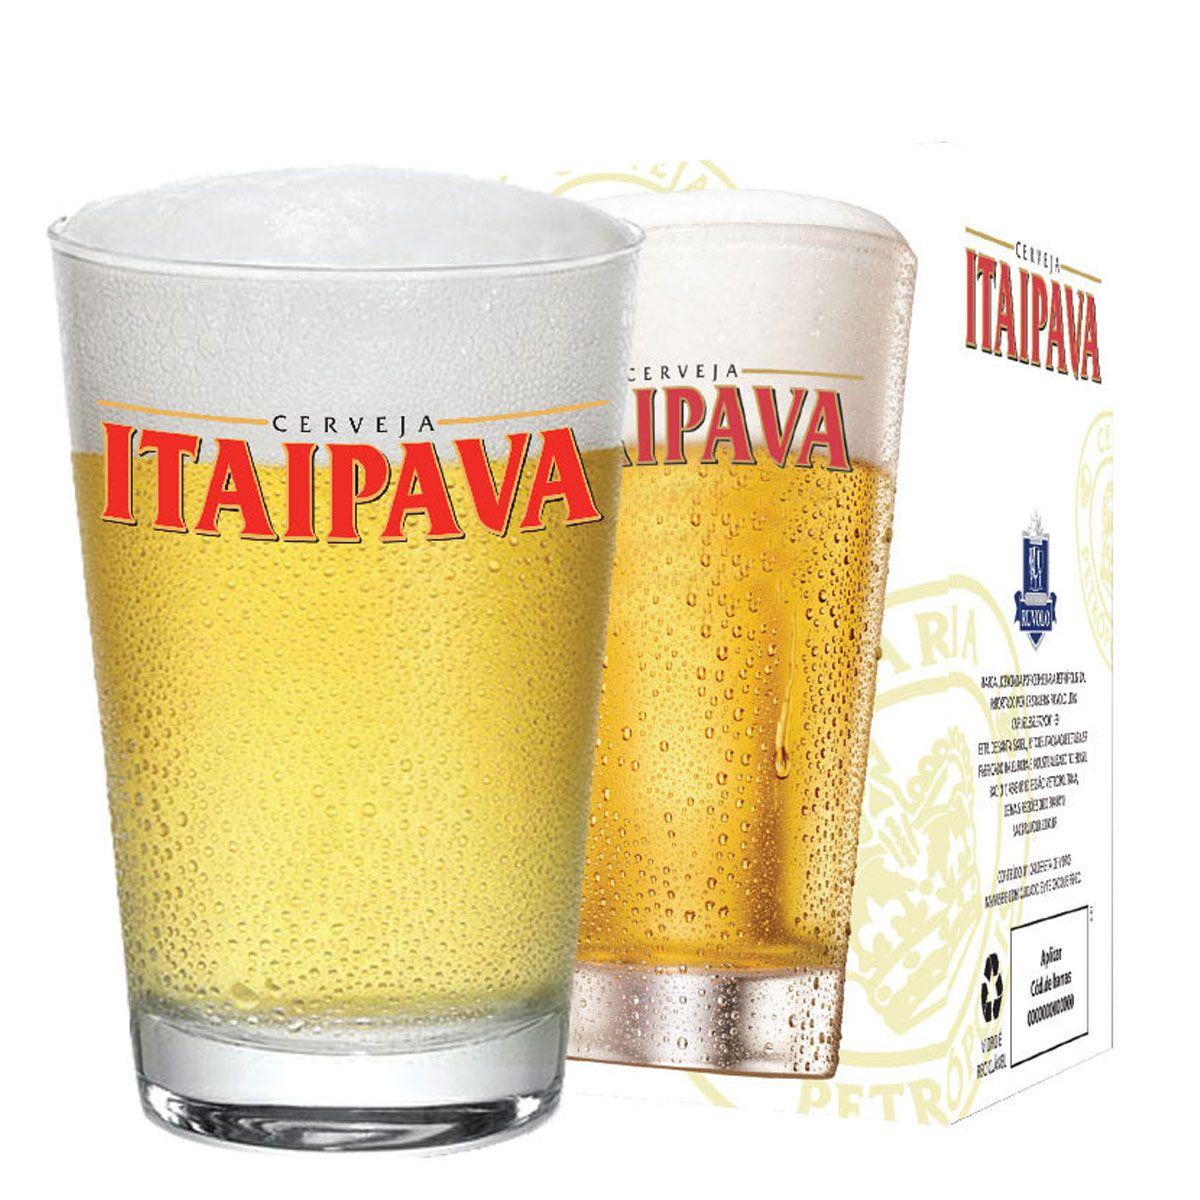 Jogo de Copos de Cerveja Itaipava Caixa 300ml 12 Pcs